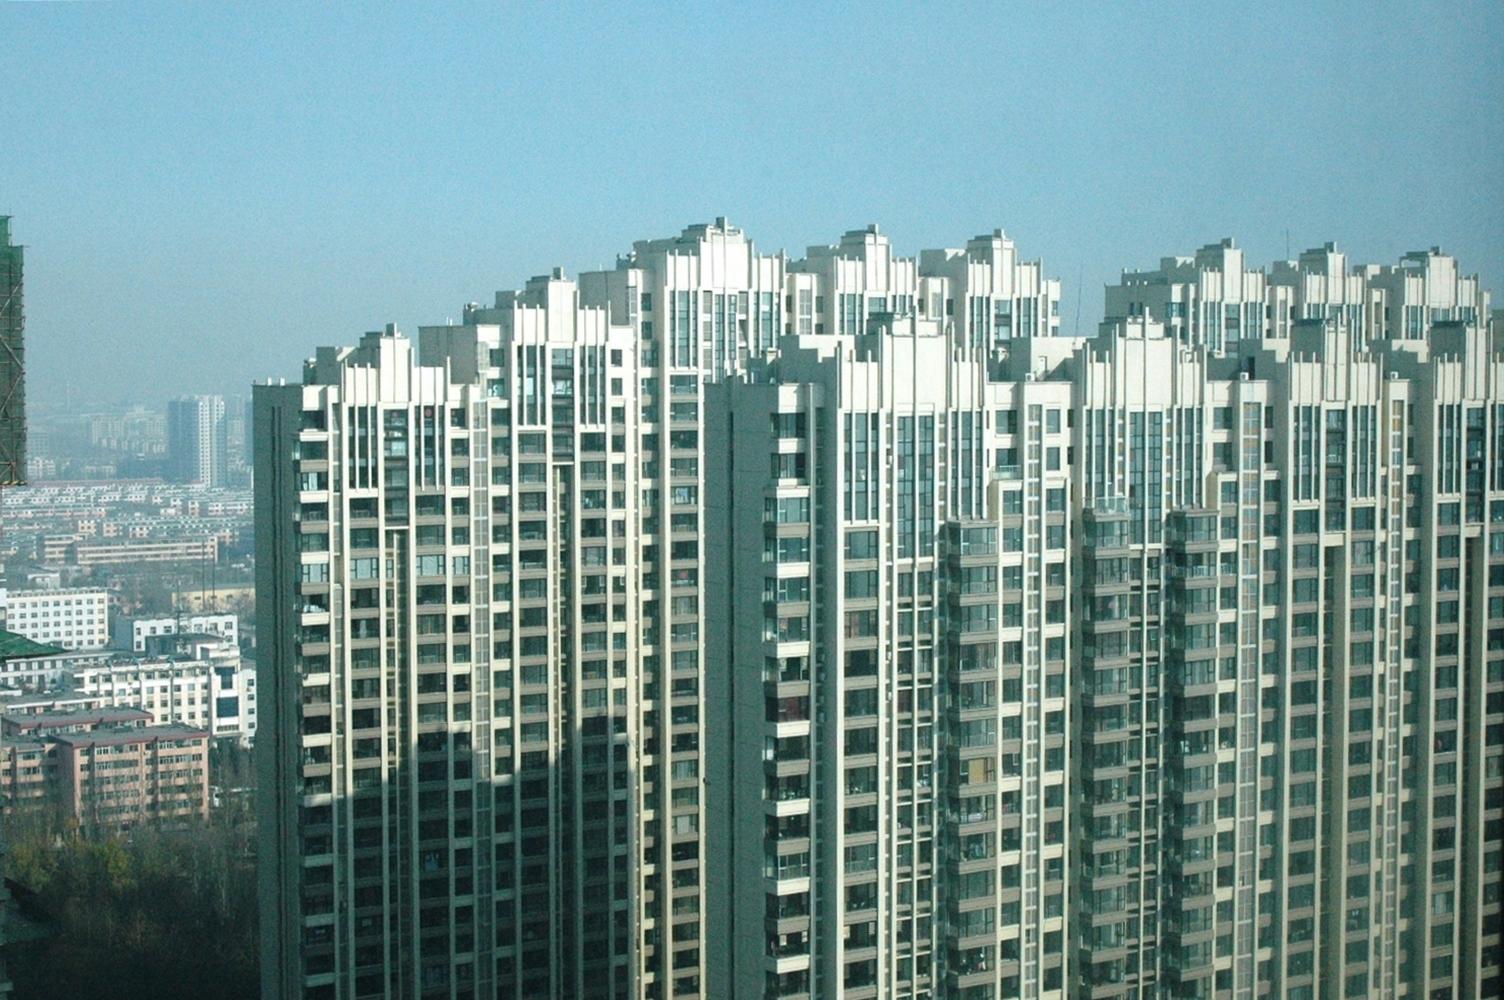 高层住宅林立